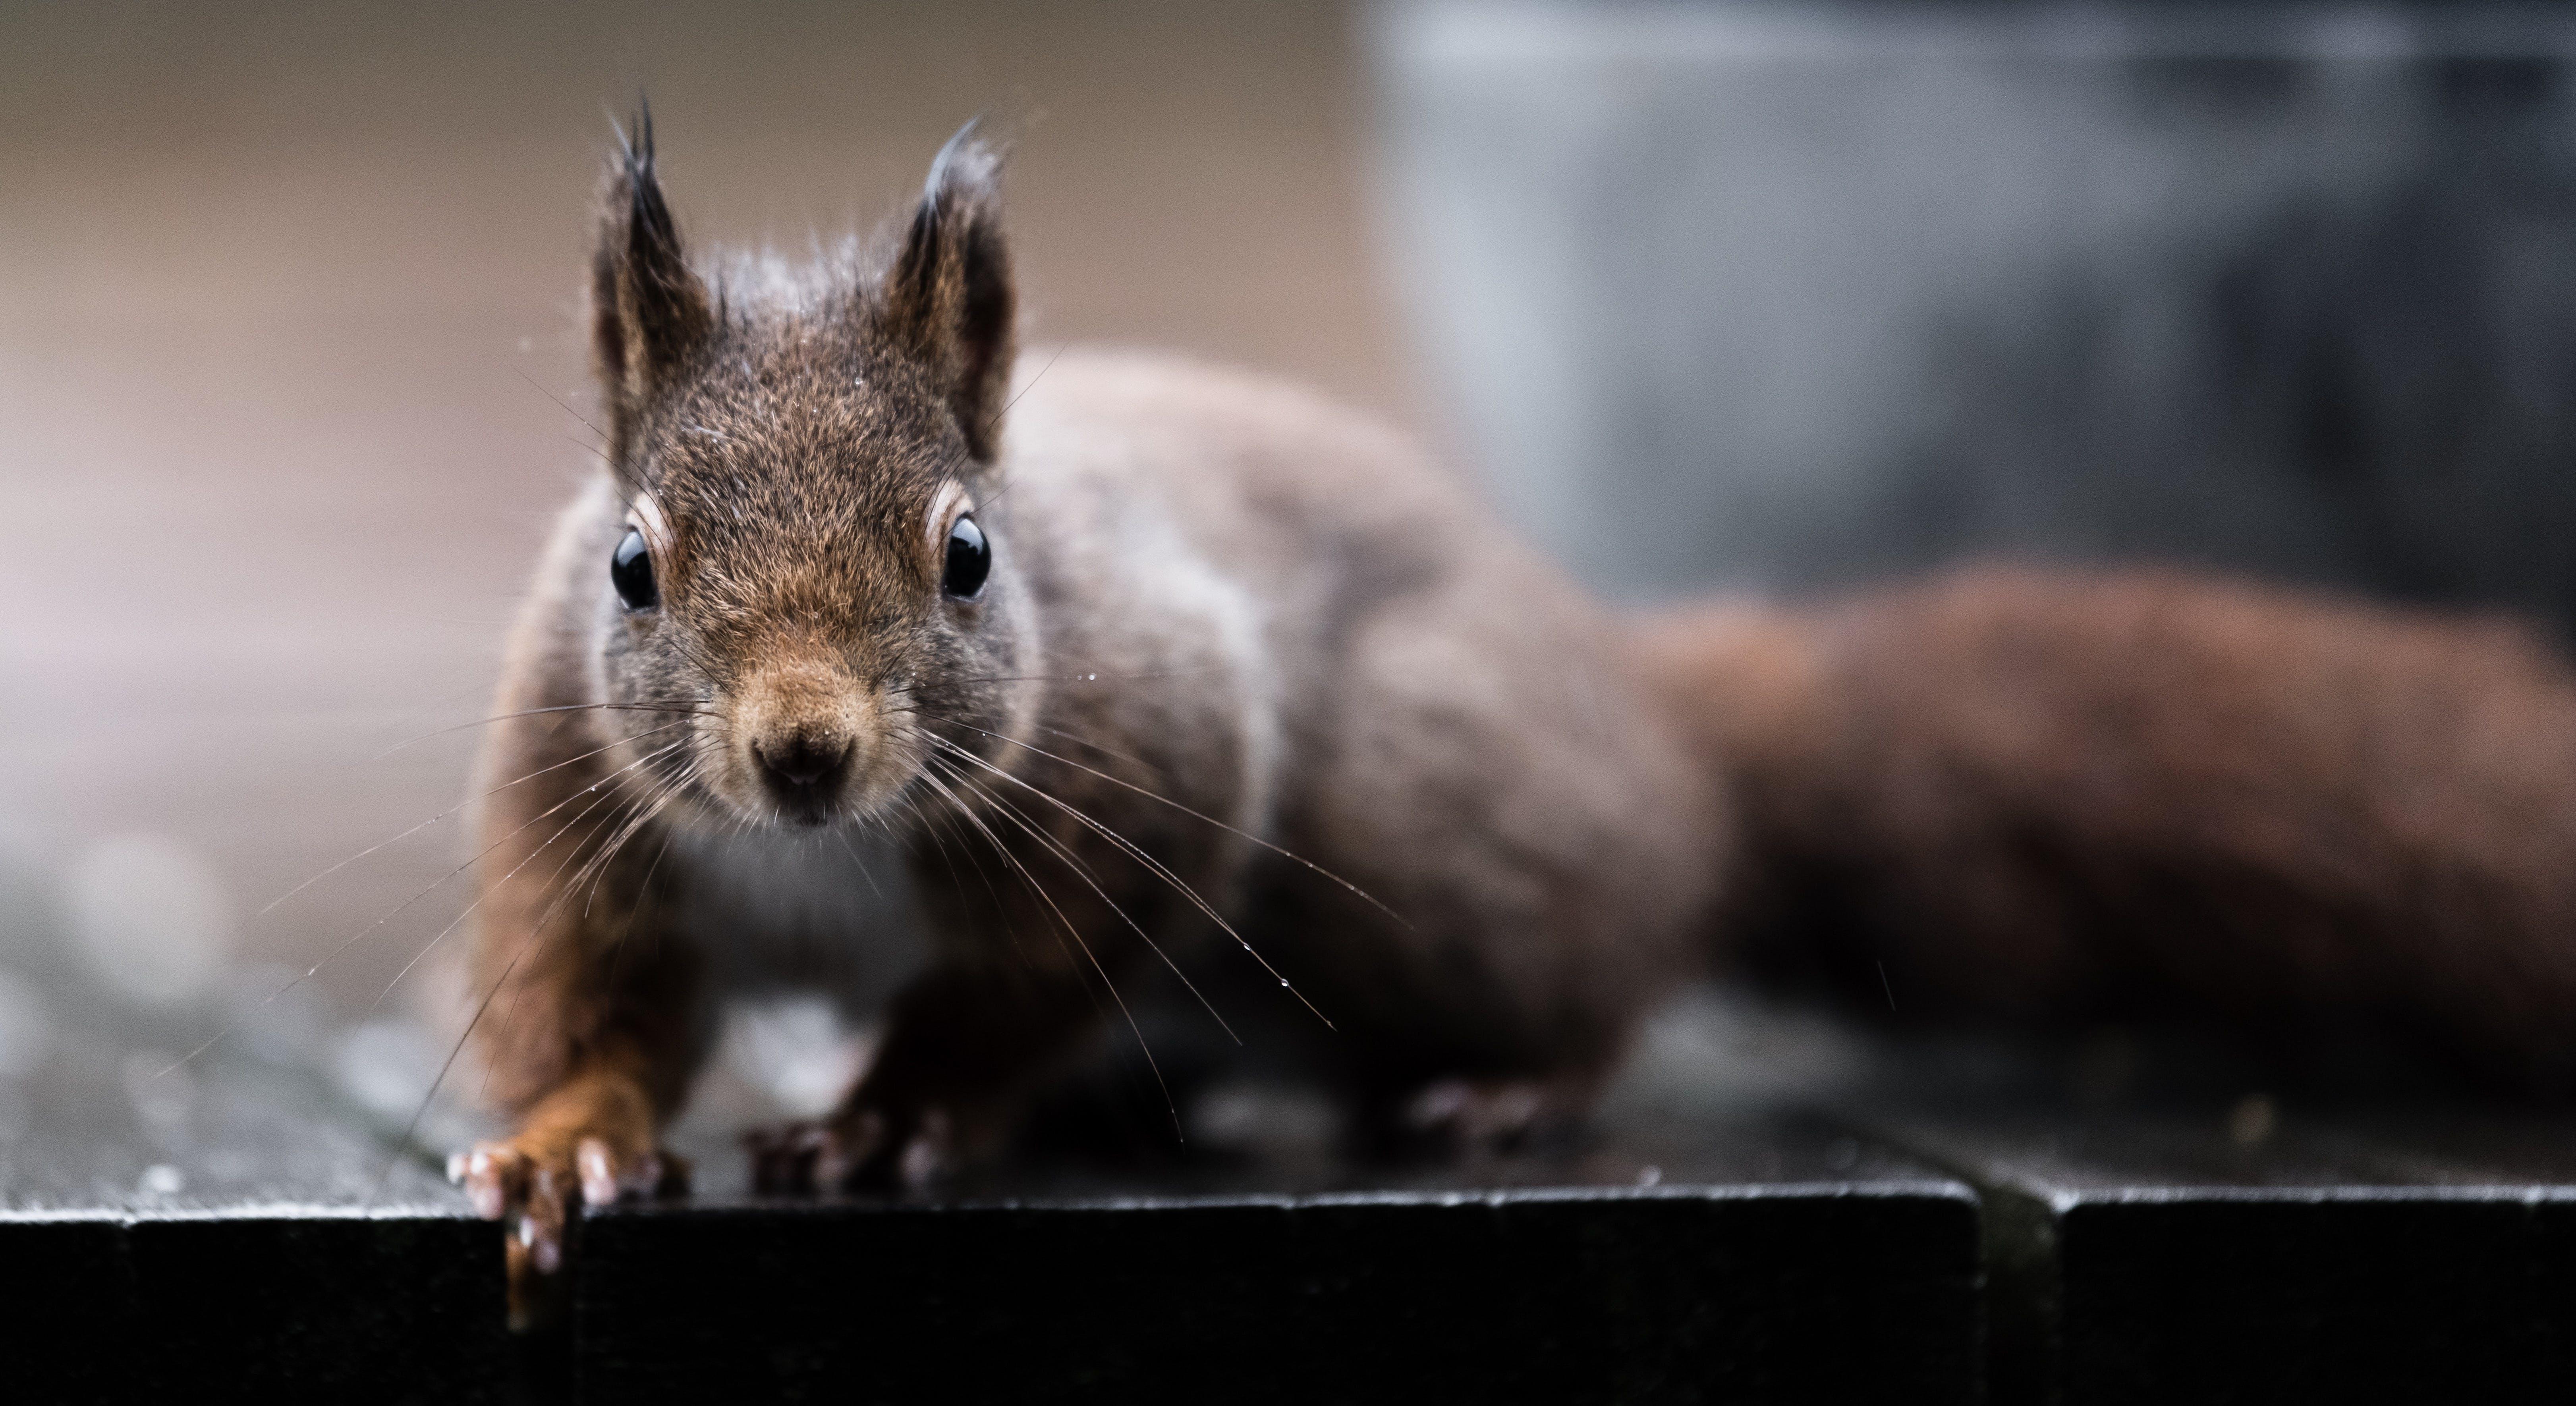 Δωρεάν στοκ φωτογραφιών με σκίουρος στη βροχή